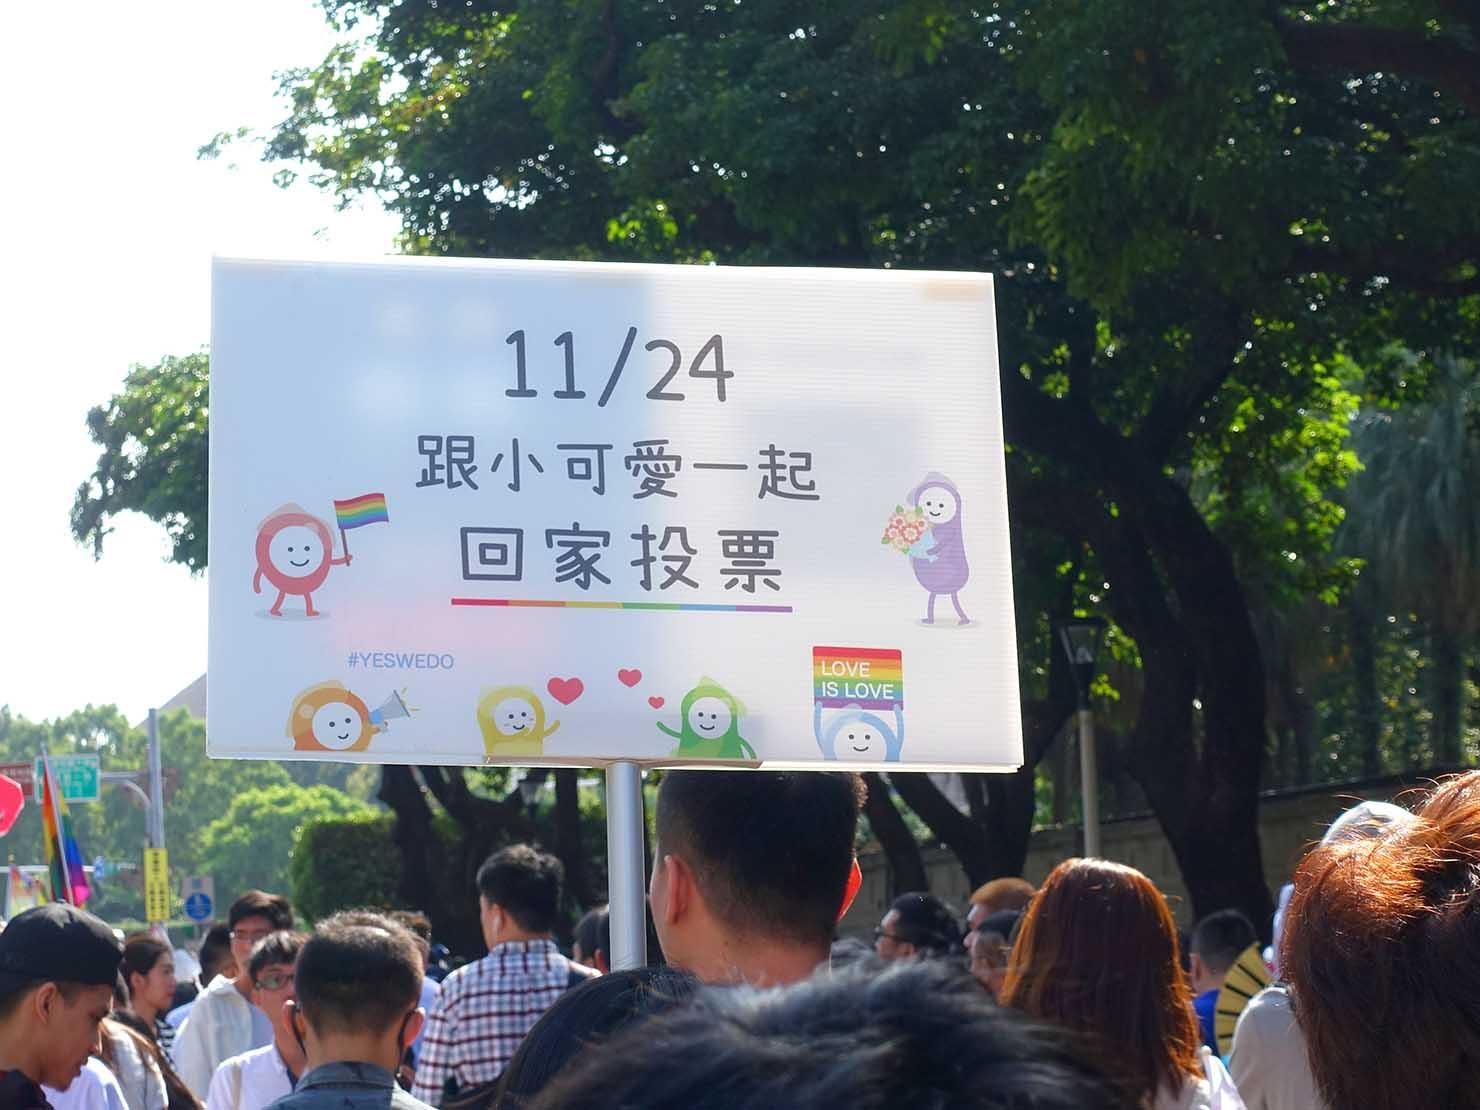 台灣同志遊行(台湾LGBTプライド)2018で国民投票を訴えるプラカード